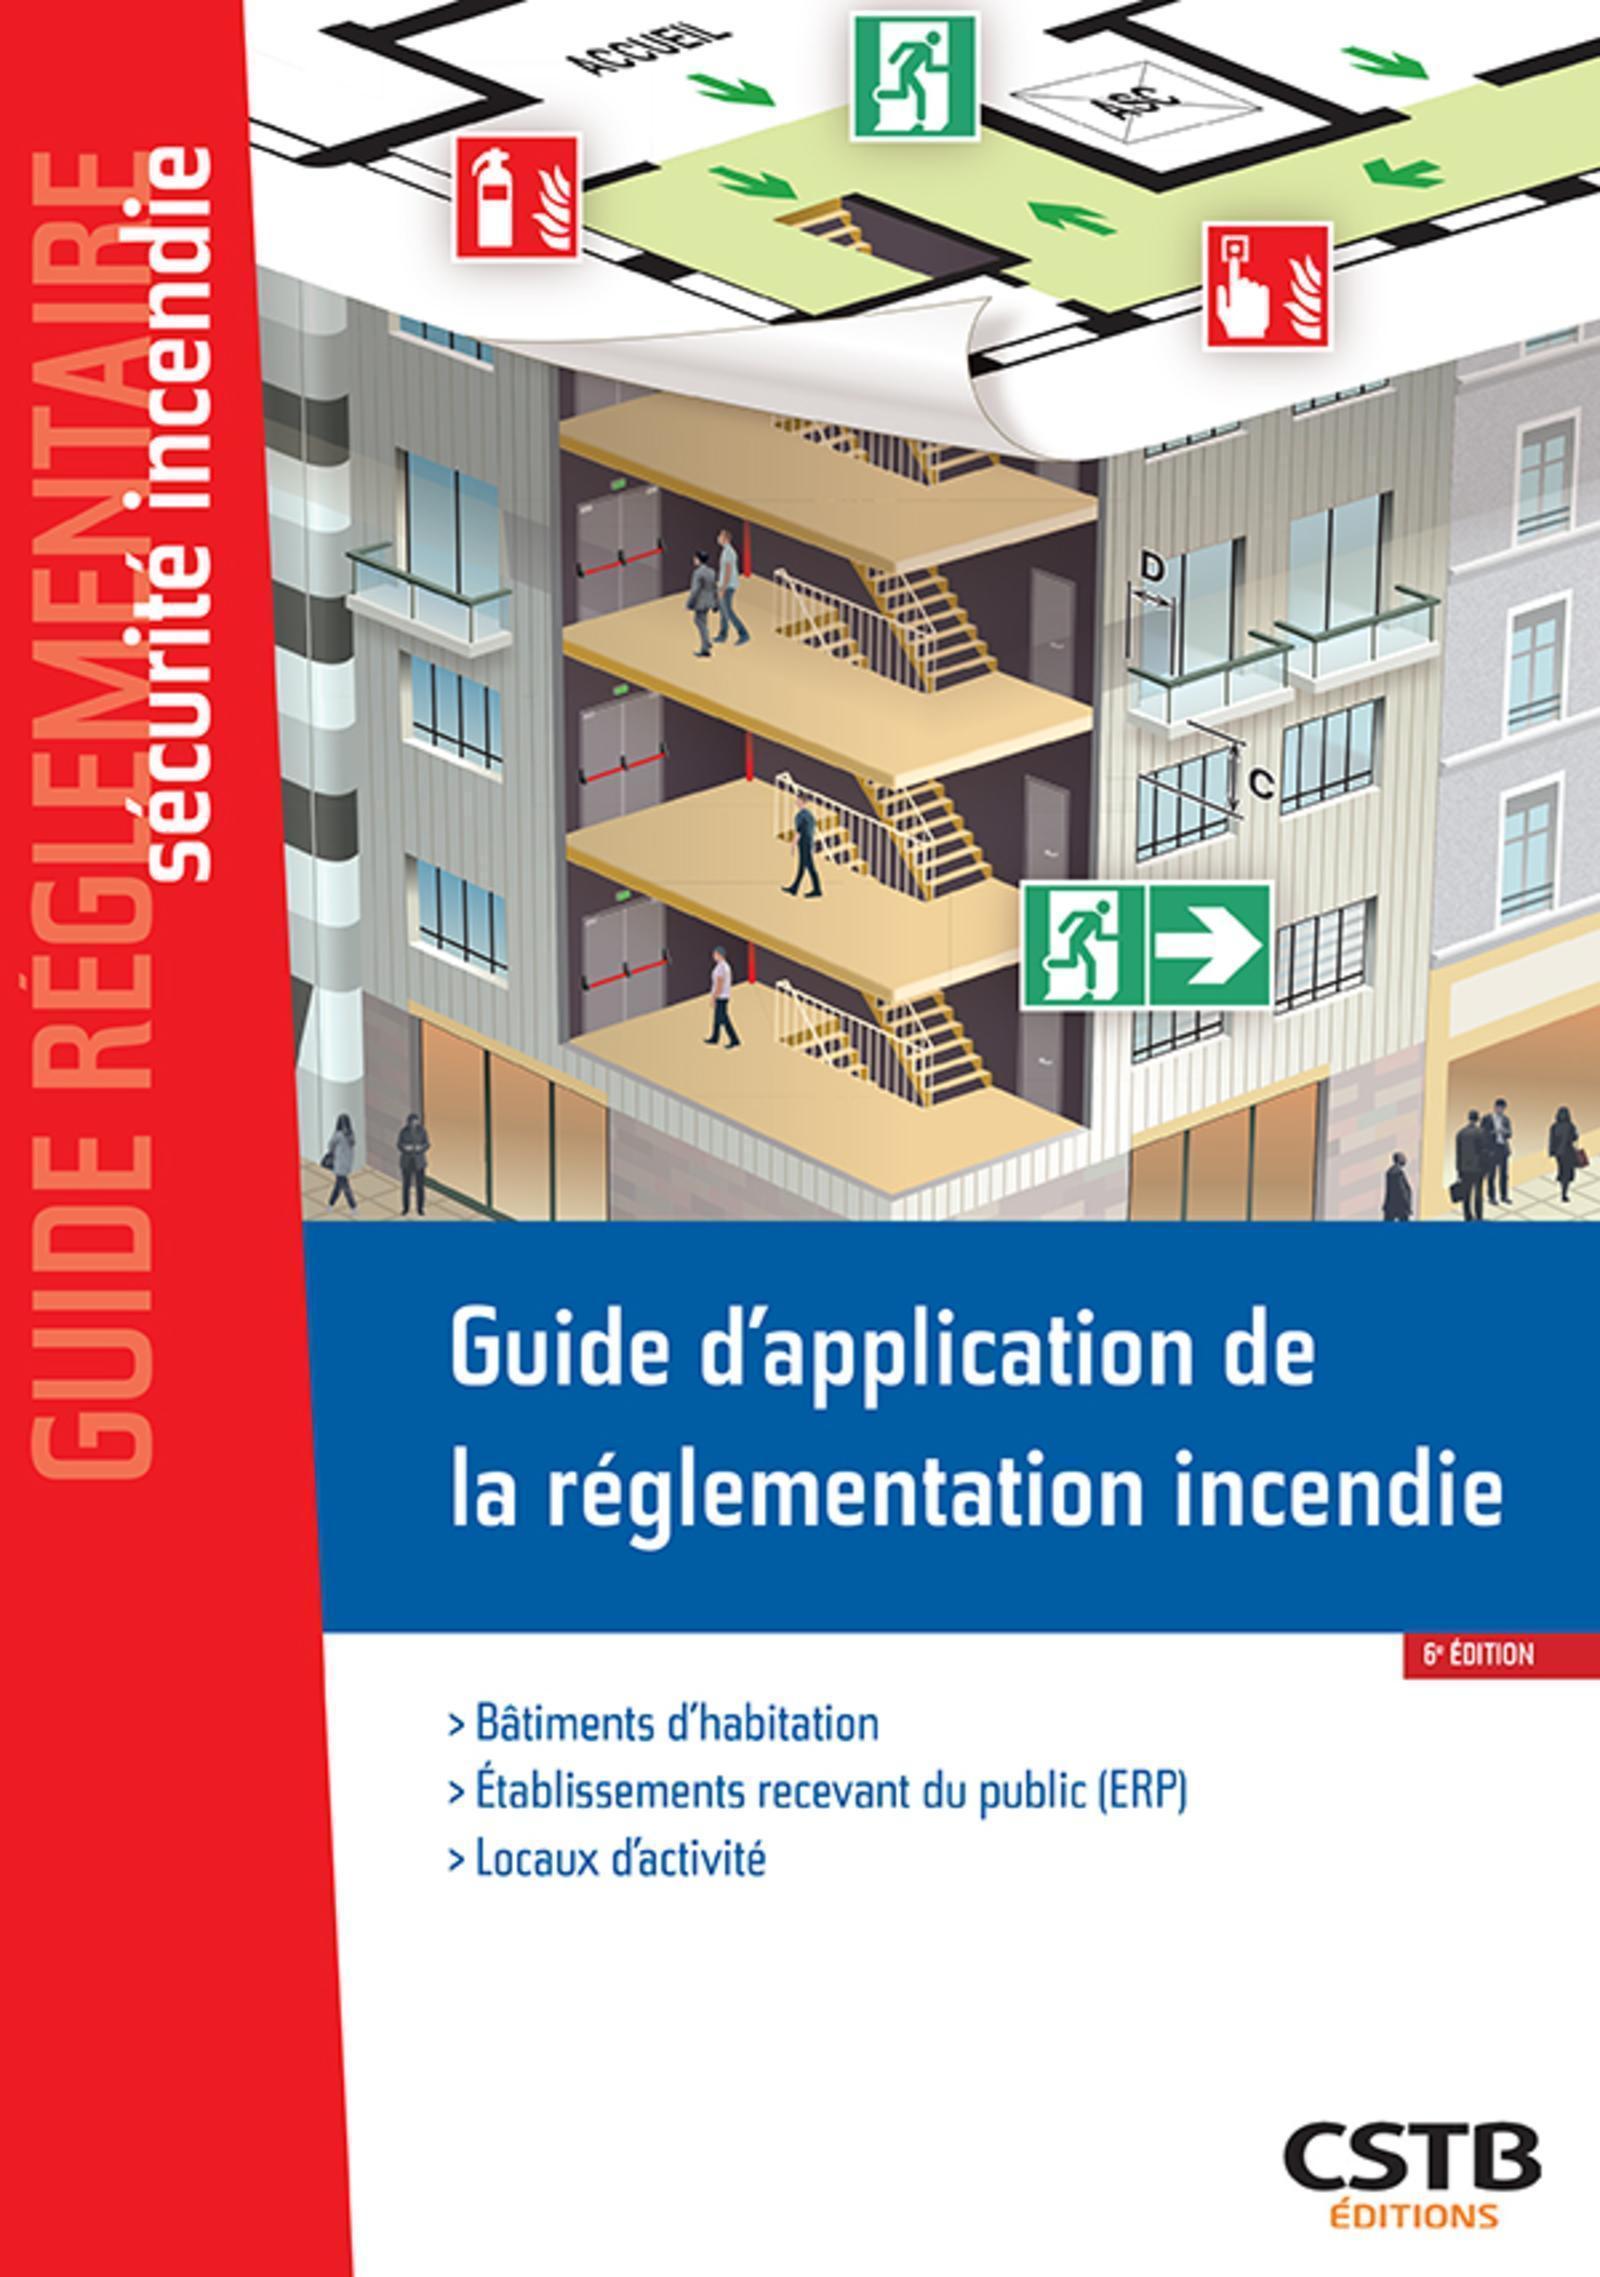 GUIDE D'APPLICATION DE LA REGLEMENTATION INCENDIE - BATIMENTS D'HABITATION - ERP - LOCAUX D'ACTIVITE